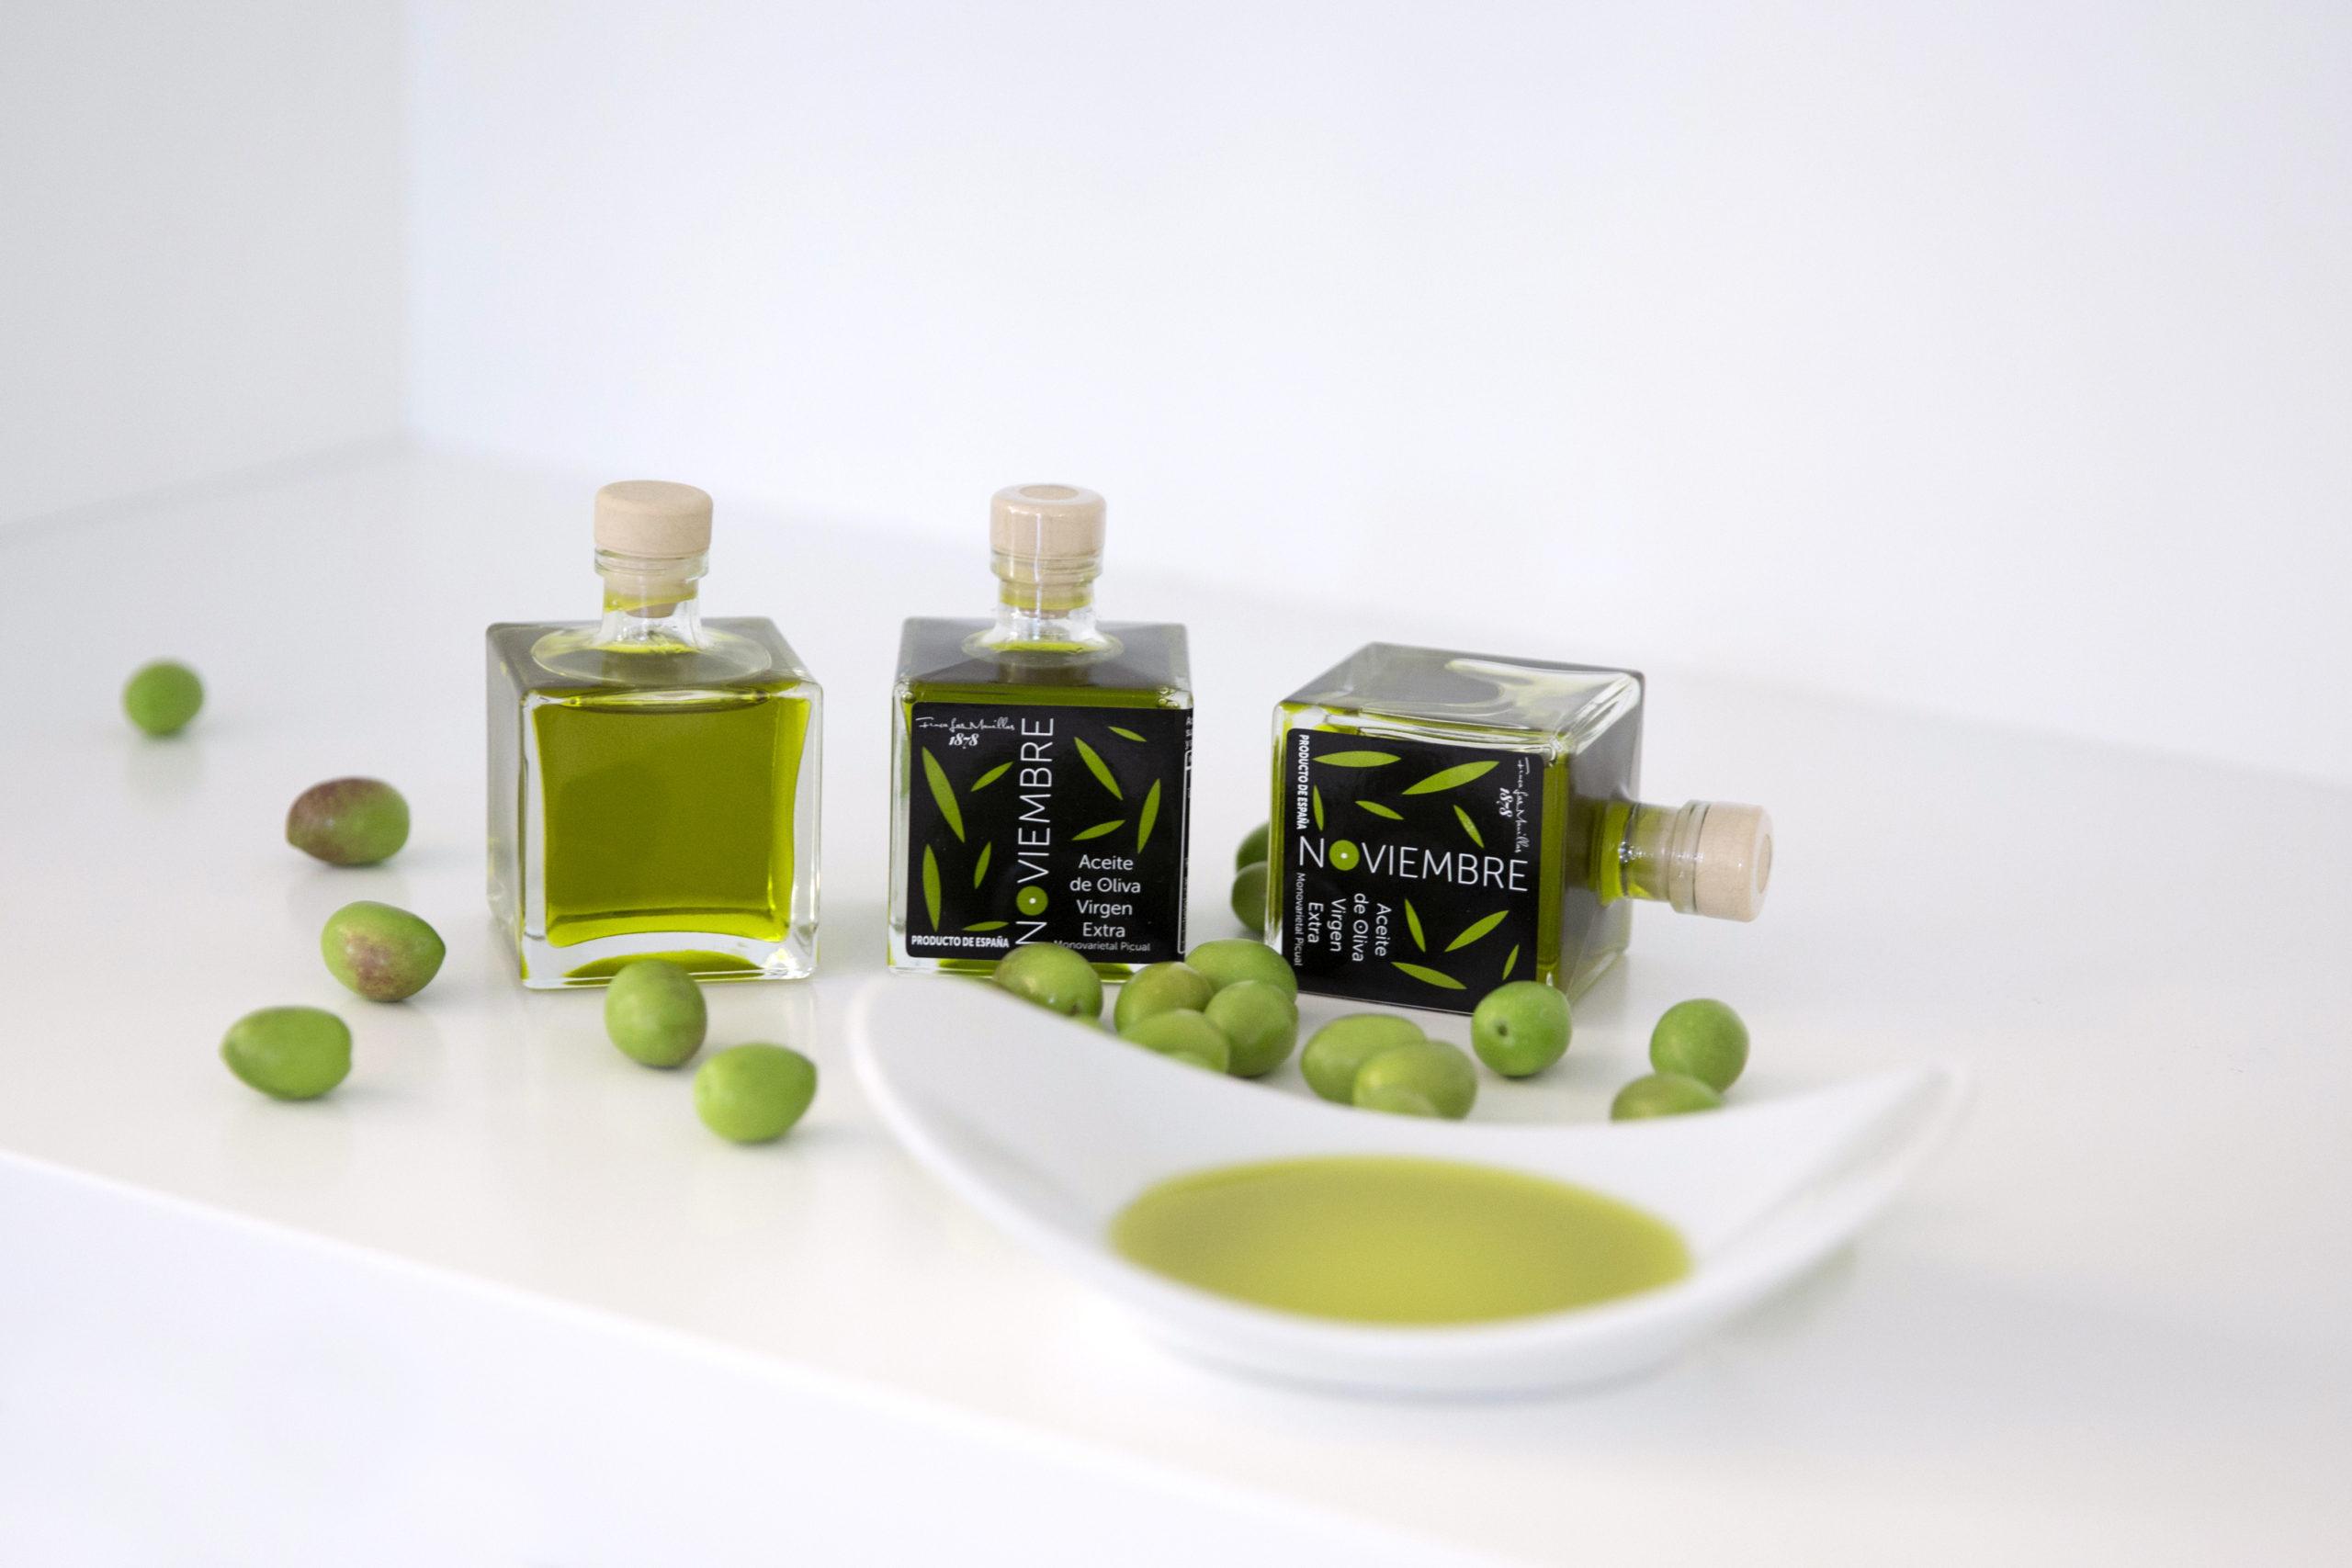 La acidez del aceite de oliva y su sabor - Finca Las Manillas